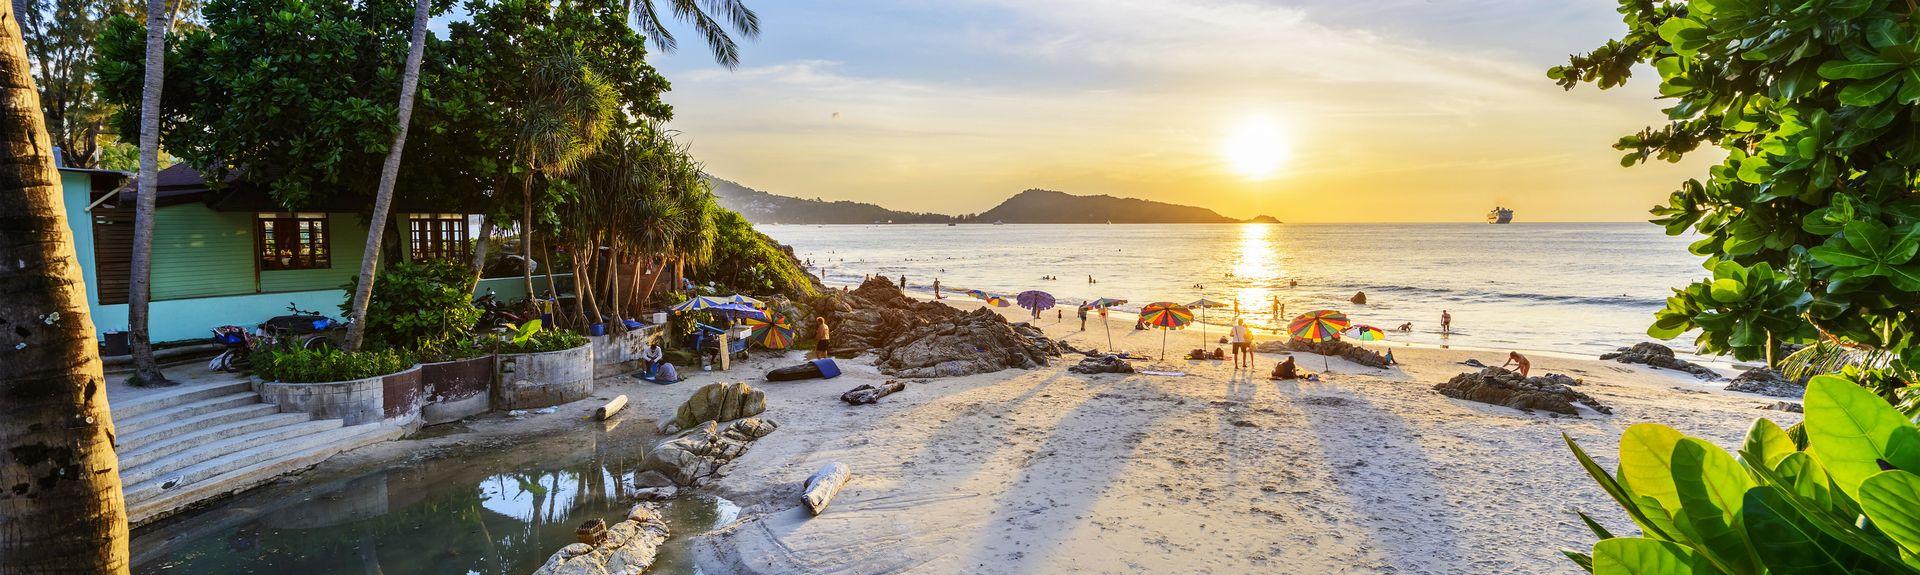 Patong Beach, Patong, Phuket (province), Thailand